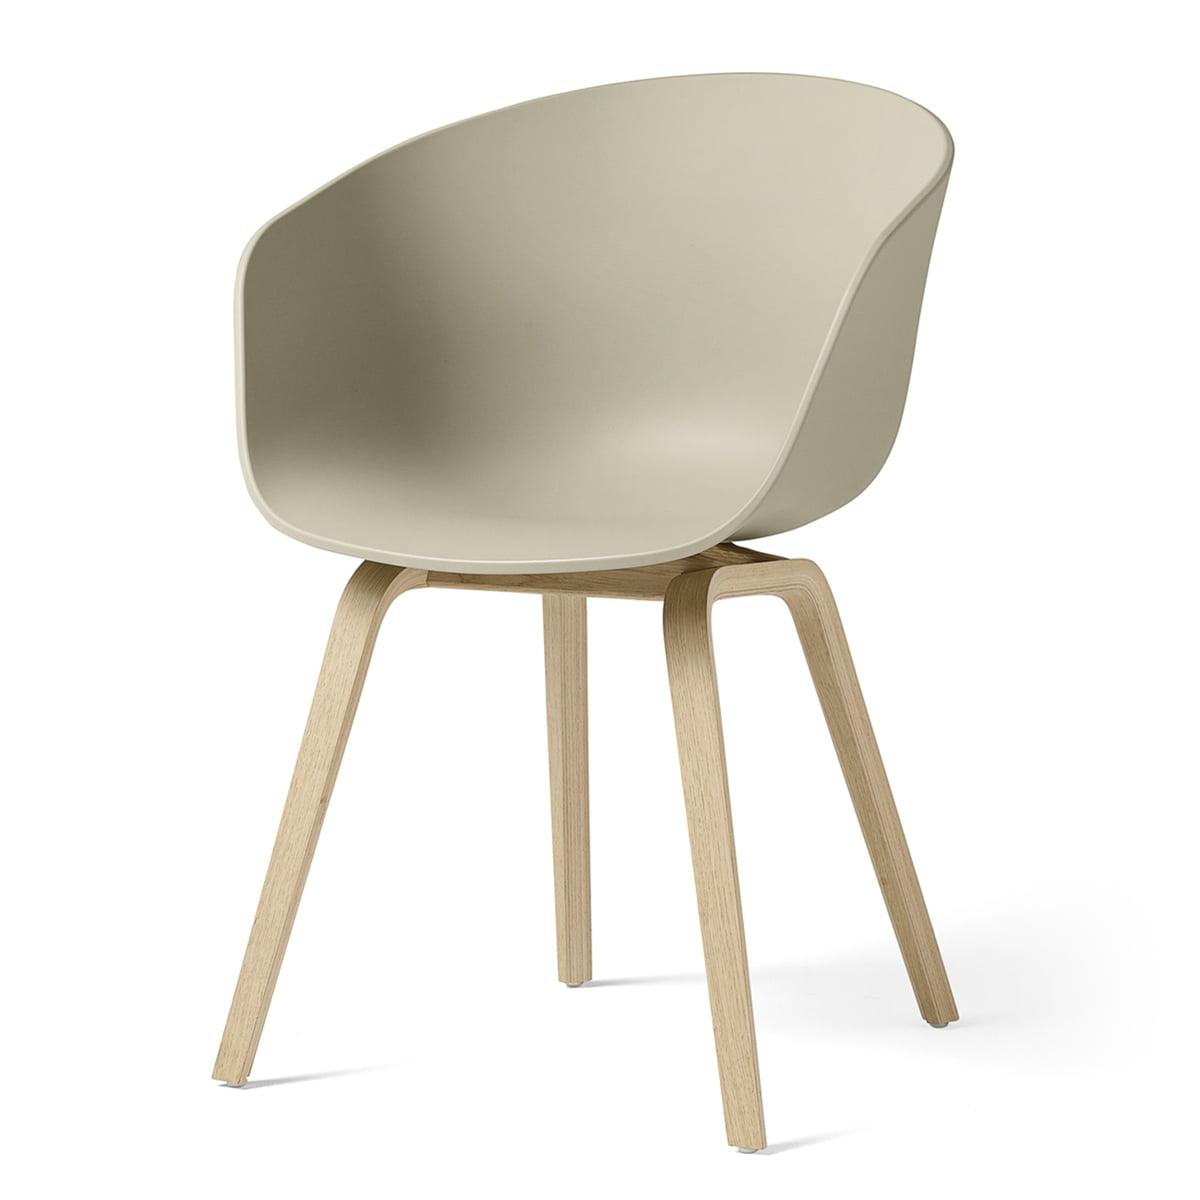 Hay - About A Chair AAC 22, structure quatre pieds en bois (chêne laqué mat) / pastel green, patins en feutre